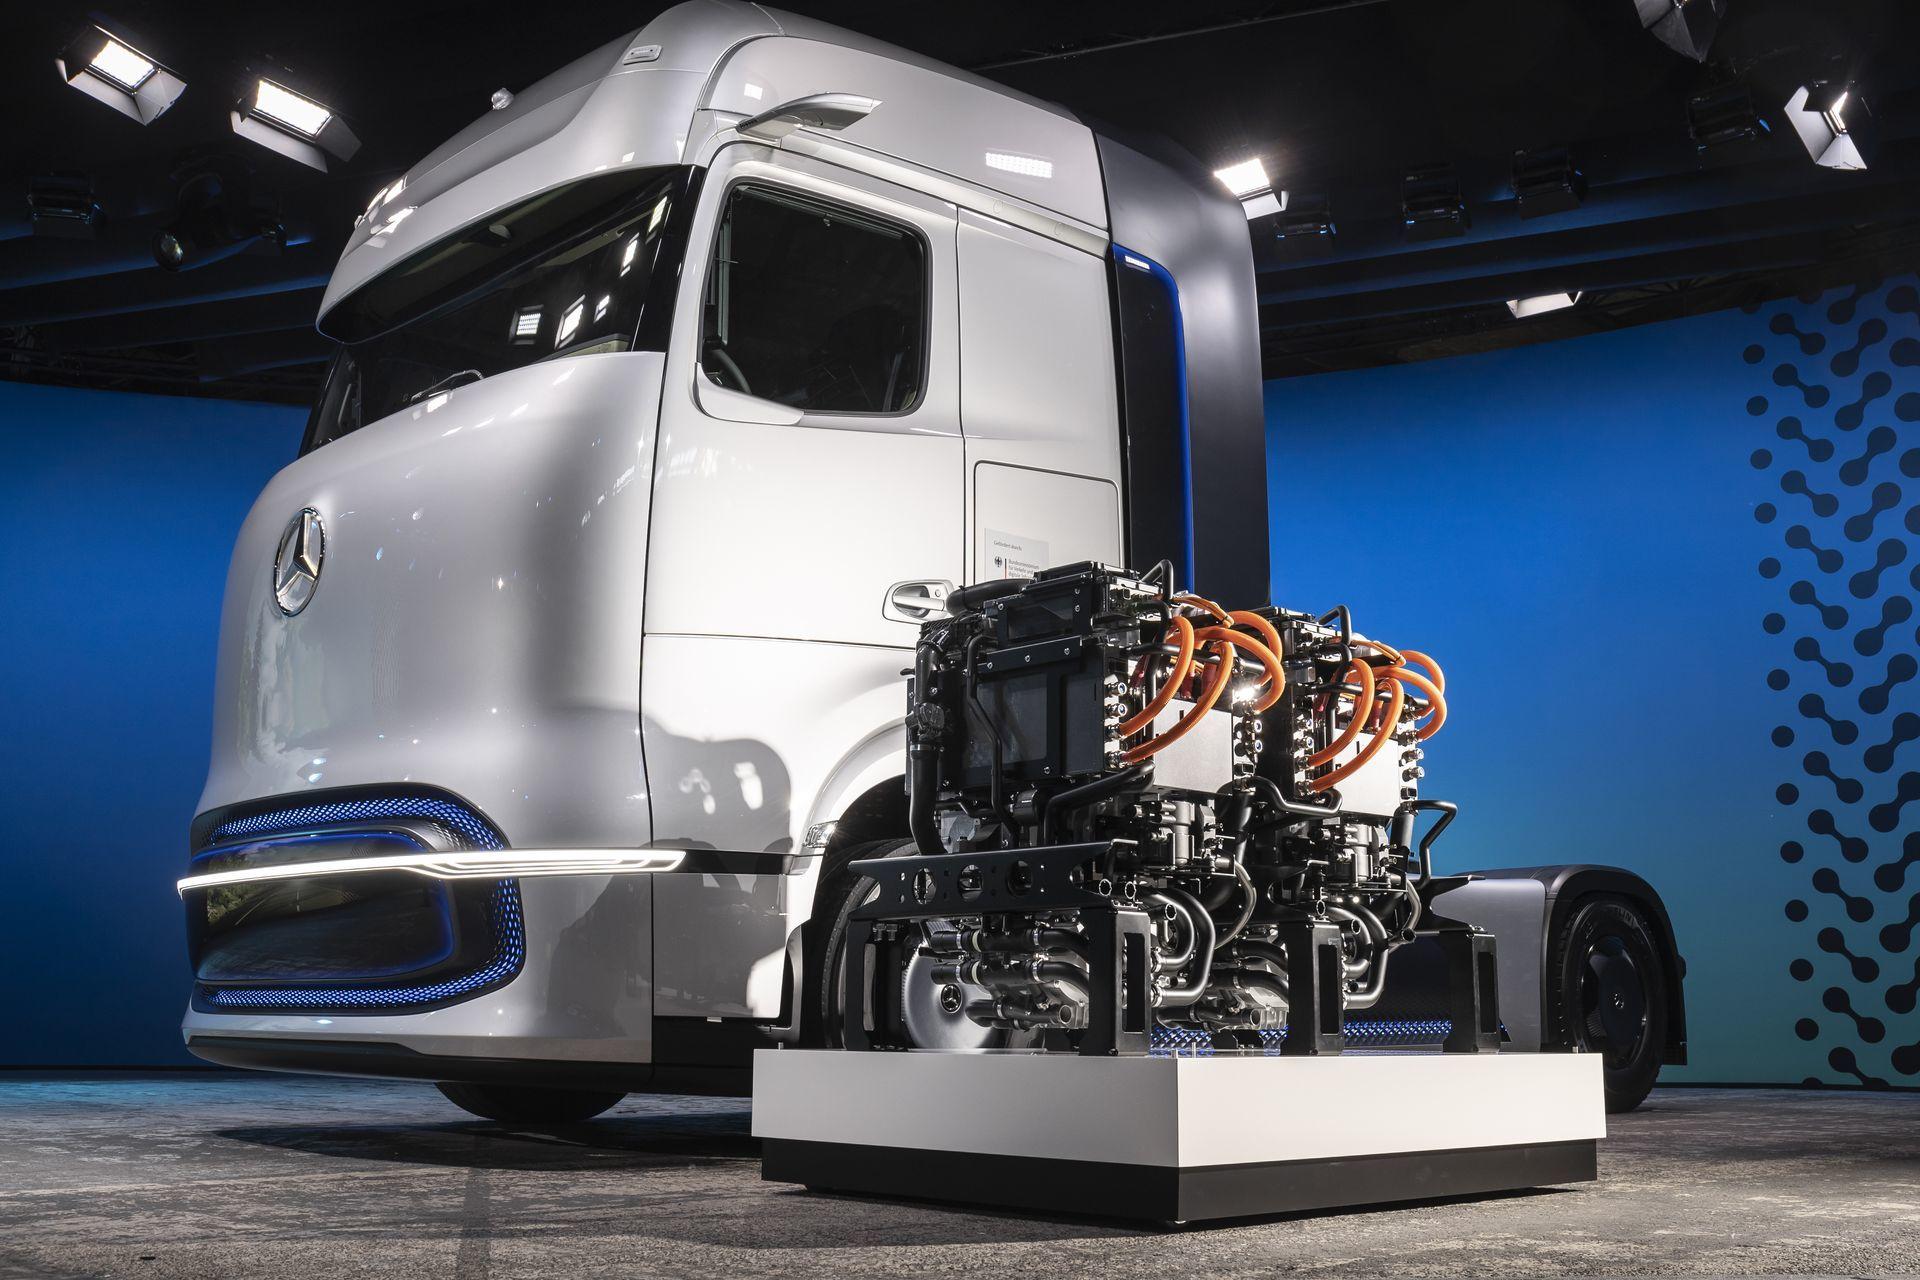 Mit Wasserstoff Zum Co2 Neutralen Transport On Our Way To A Hydrogen Future